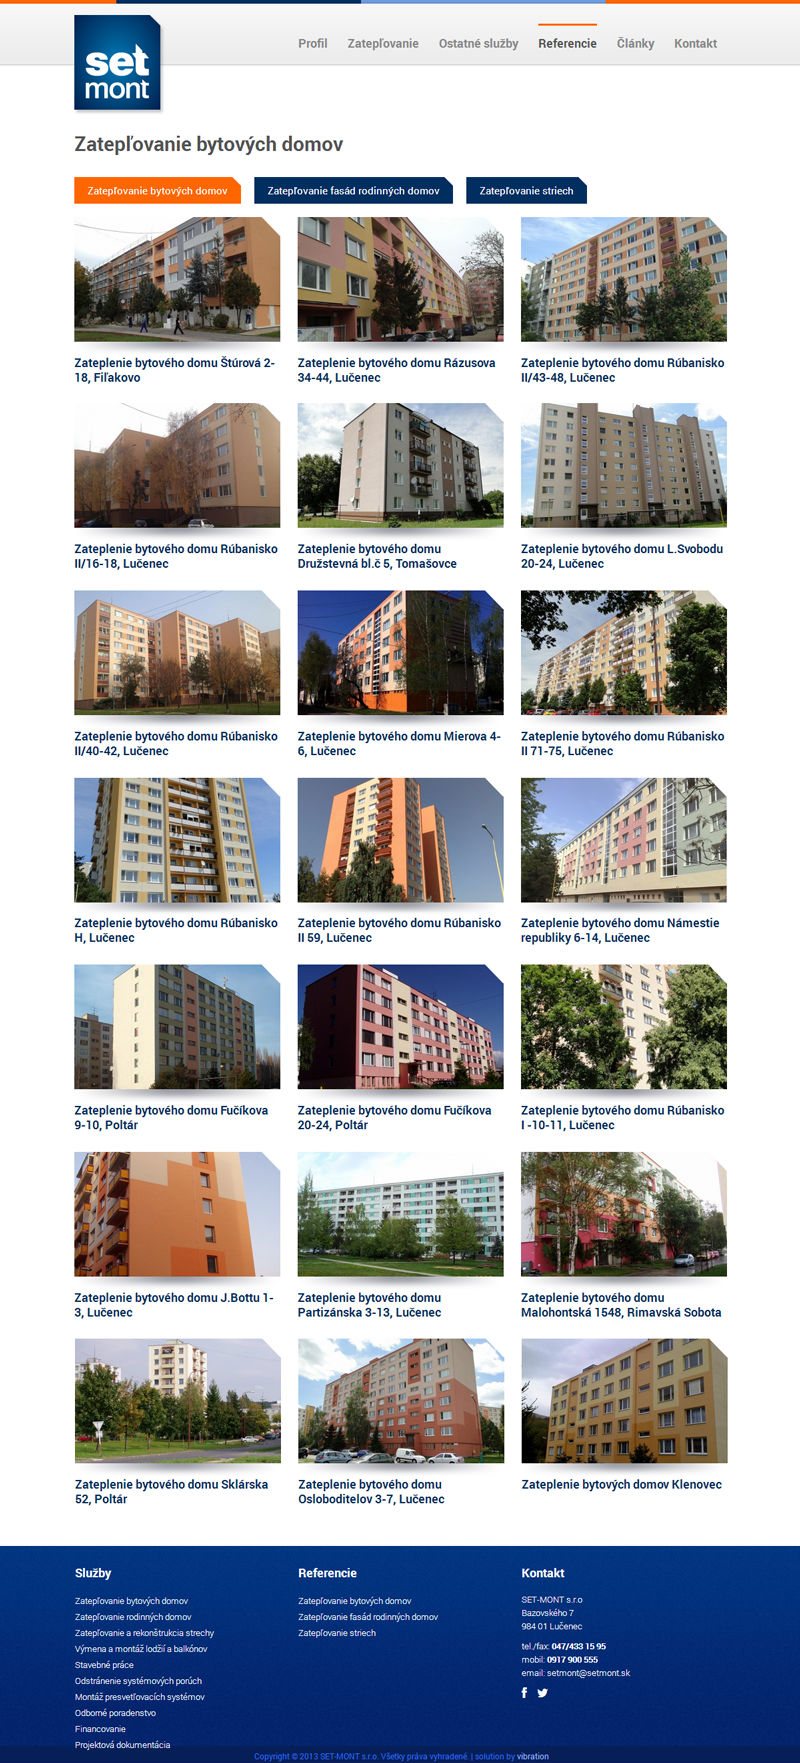 Zatepovanie-bytovych-domov